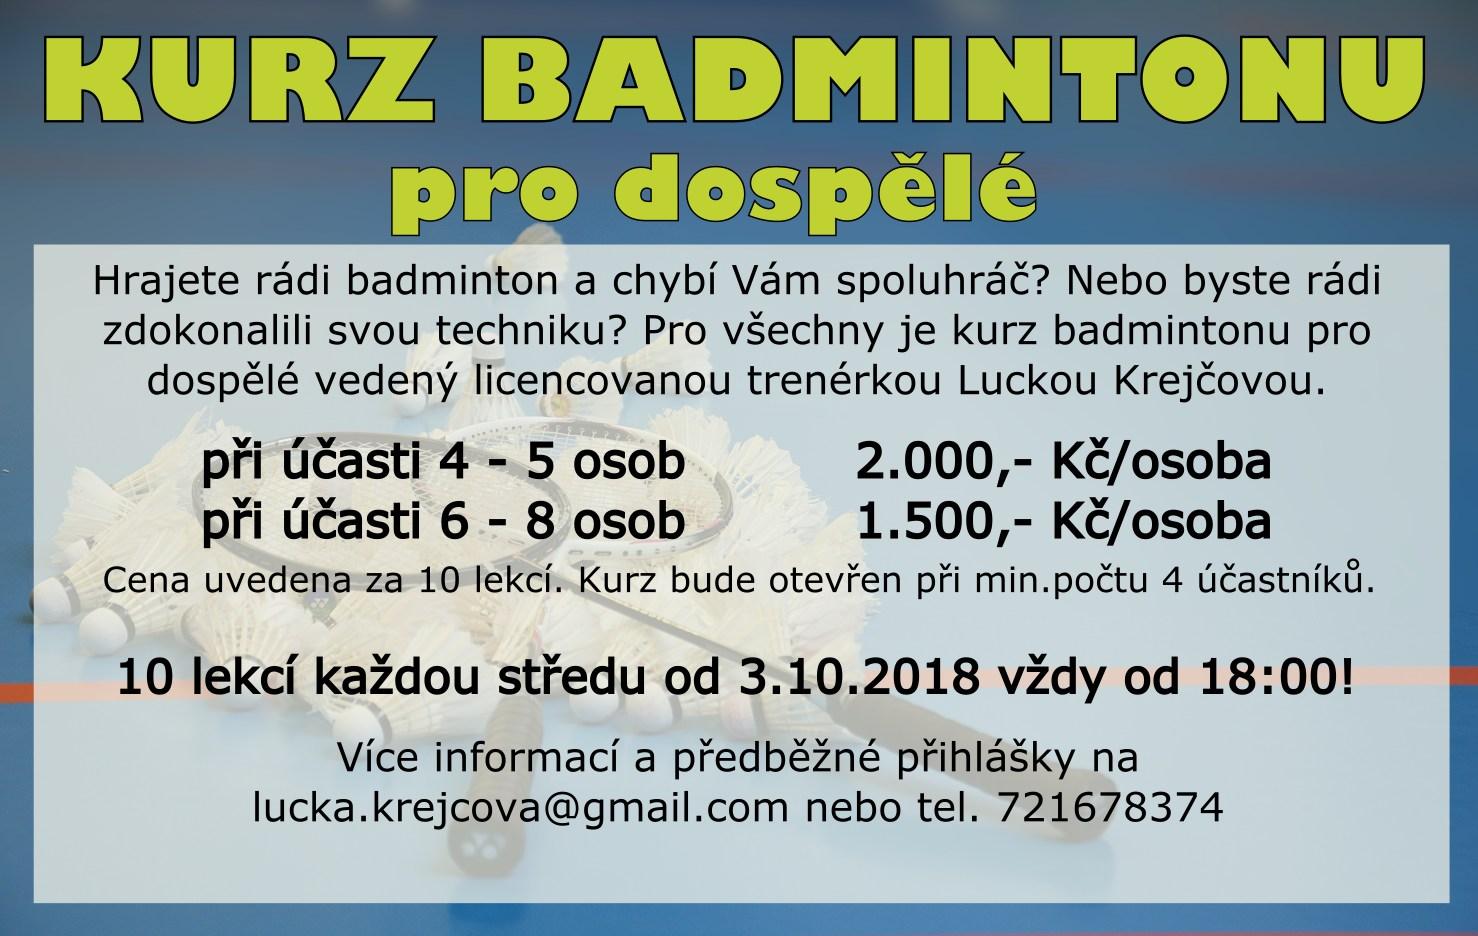 badminton_pro_dospele_SCEDEN